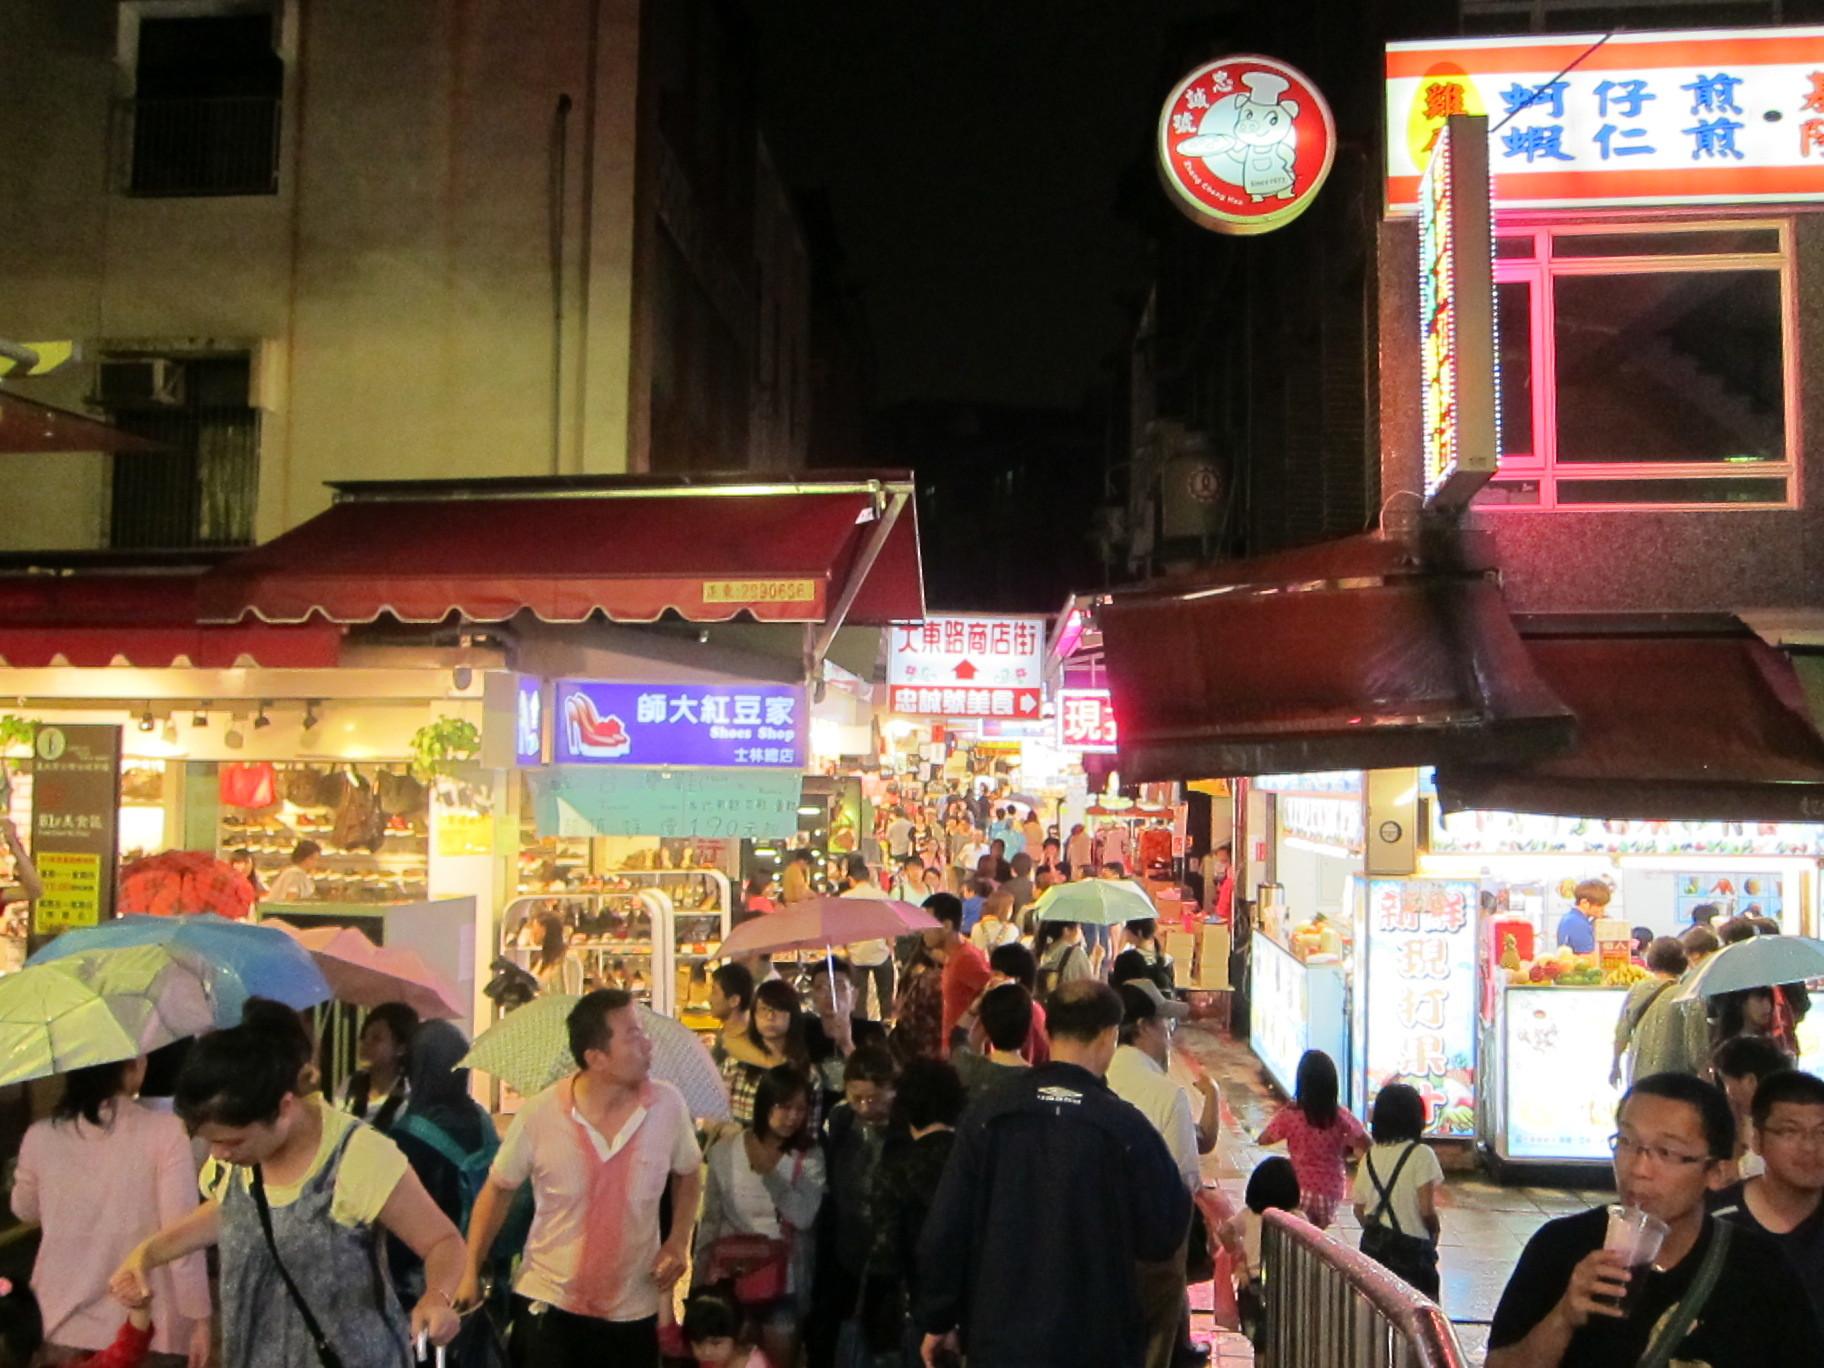 台湾旅行にベストな時期はいつ?観光にピッタリの過ごしやすい時期を解説!